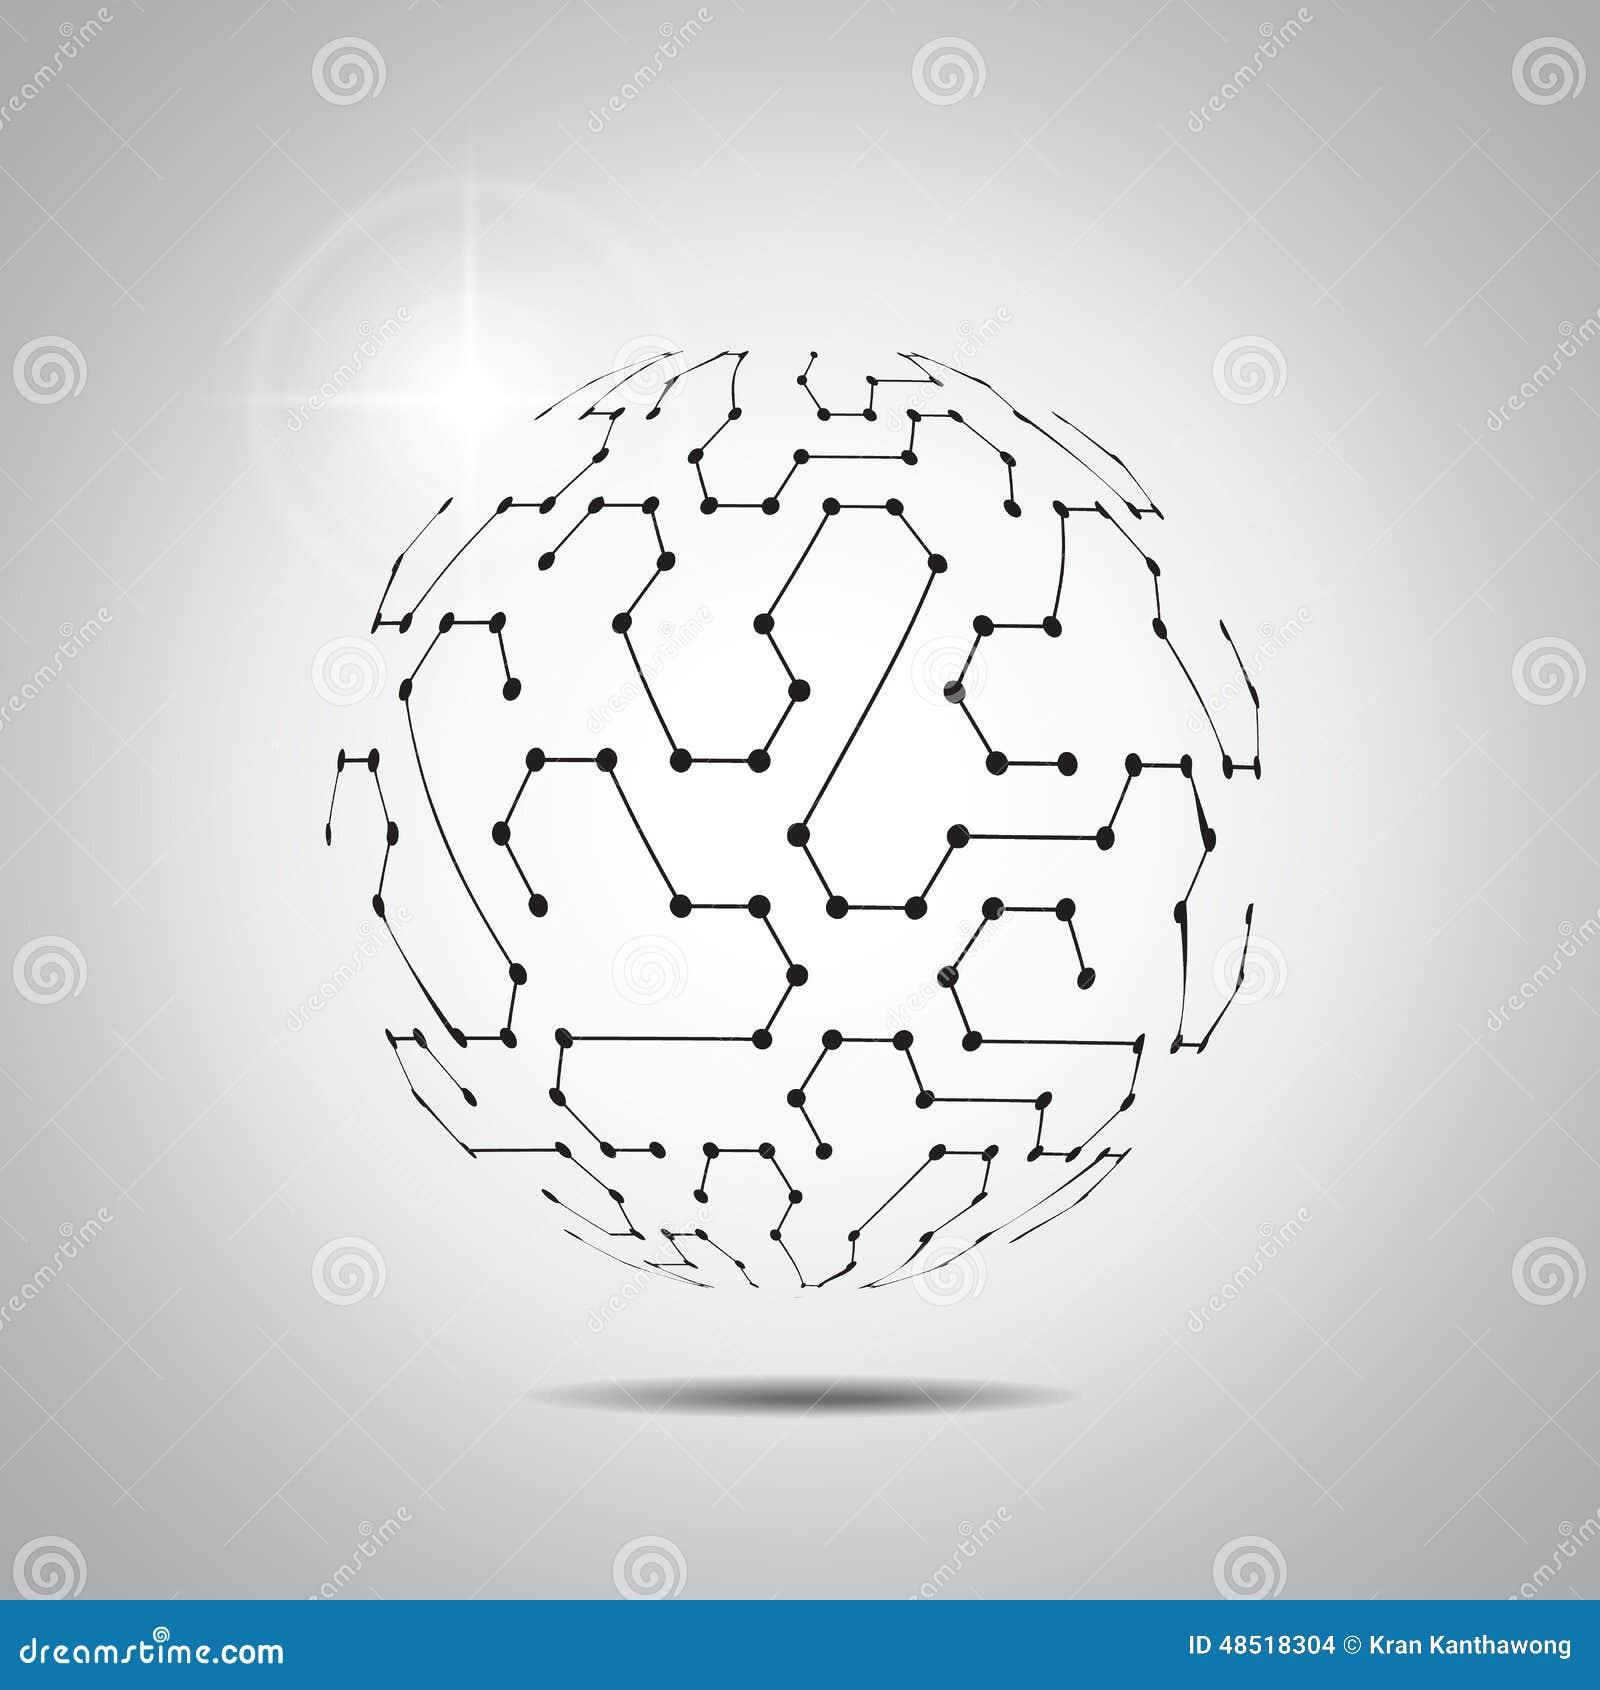 Abstrakter vektorhintergrund Futuristische Technologieart Eleganter Hintergrund für Geschäftstechnologiedarstellungen